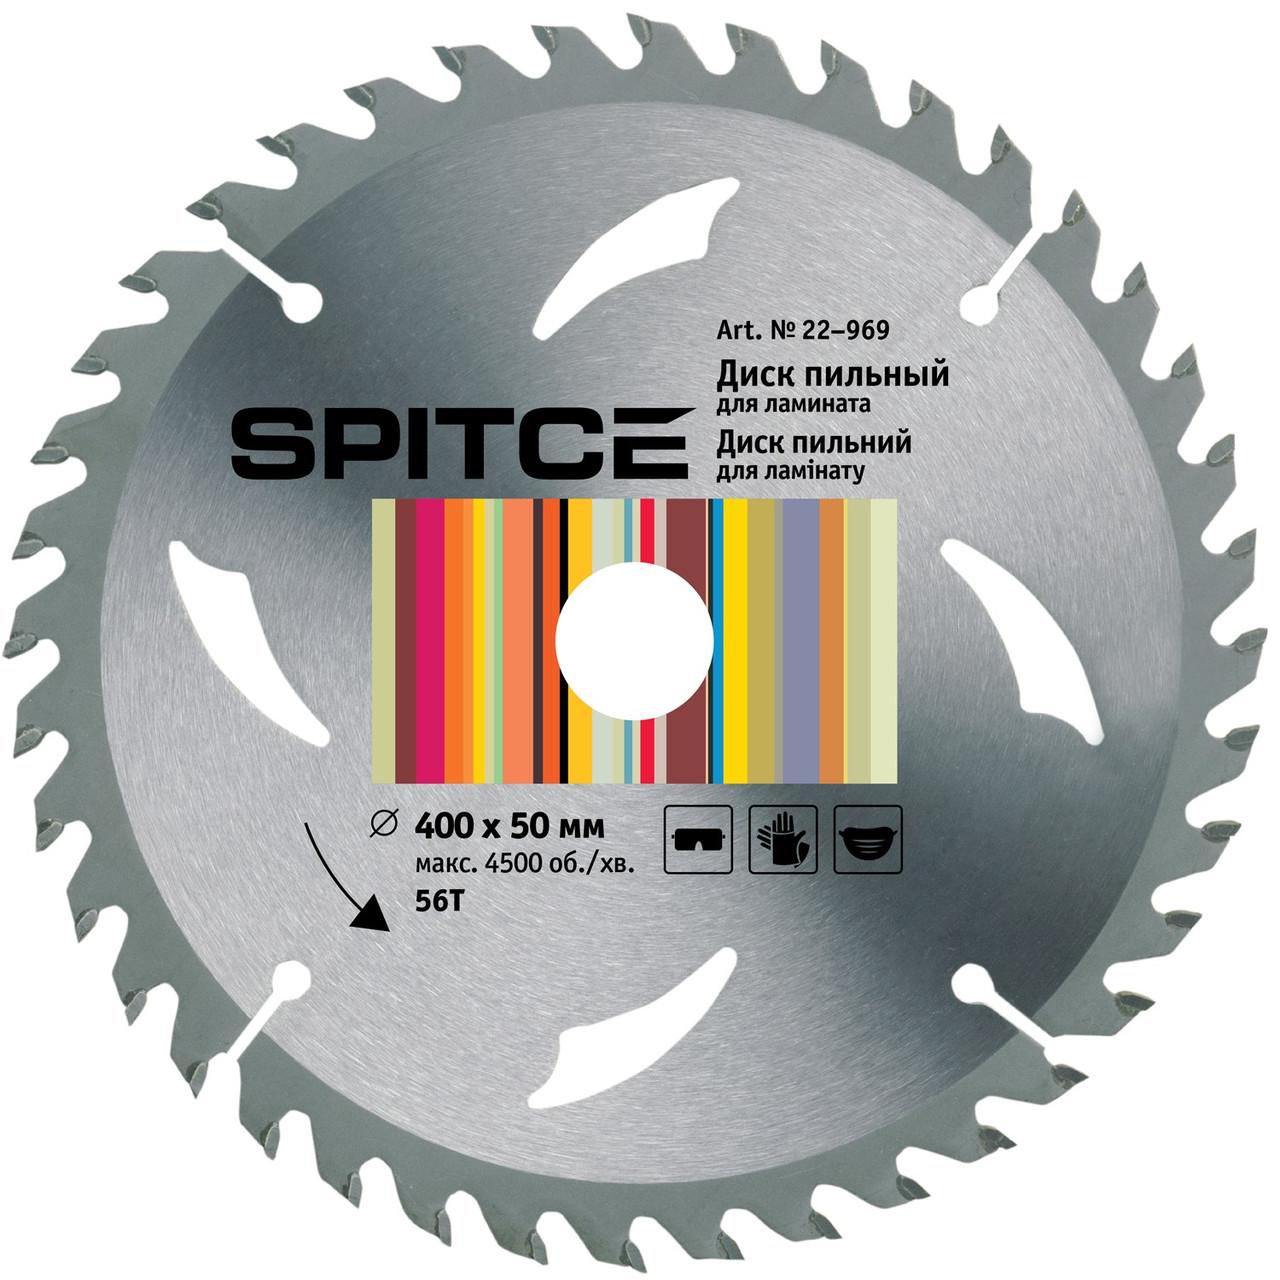 Диск пильный Spitce для ламината с адаптером 56Т 400 х 50/32 мм (22-969)